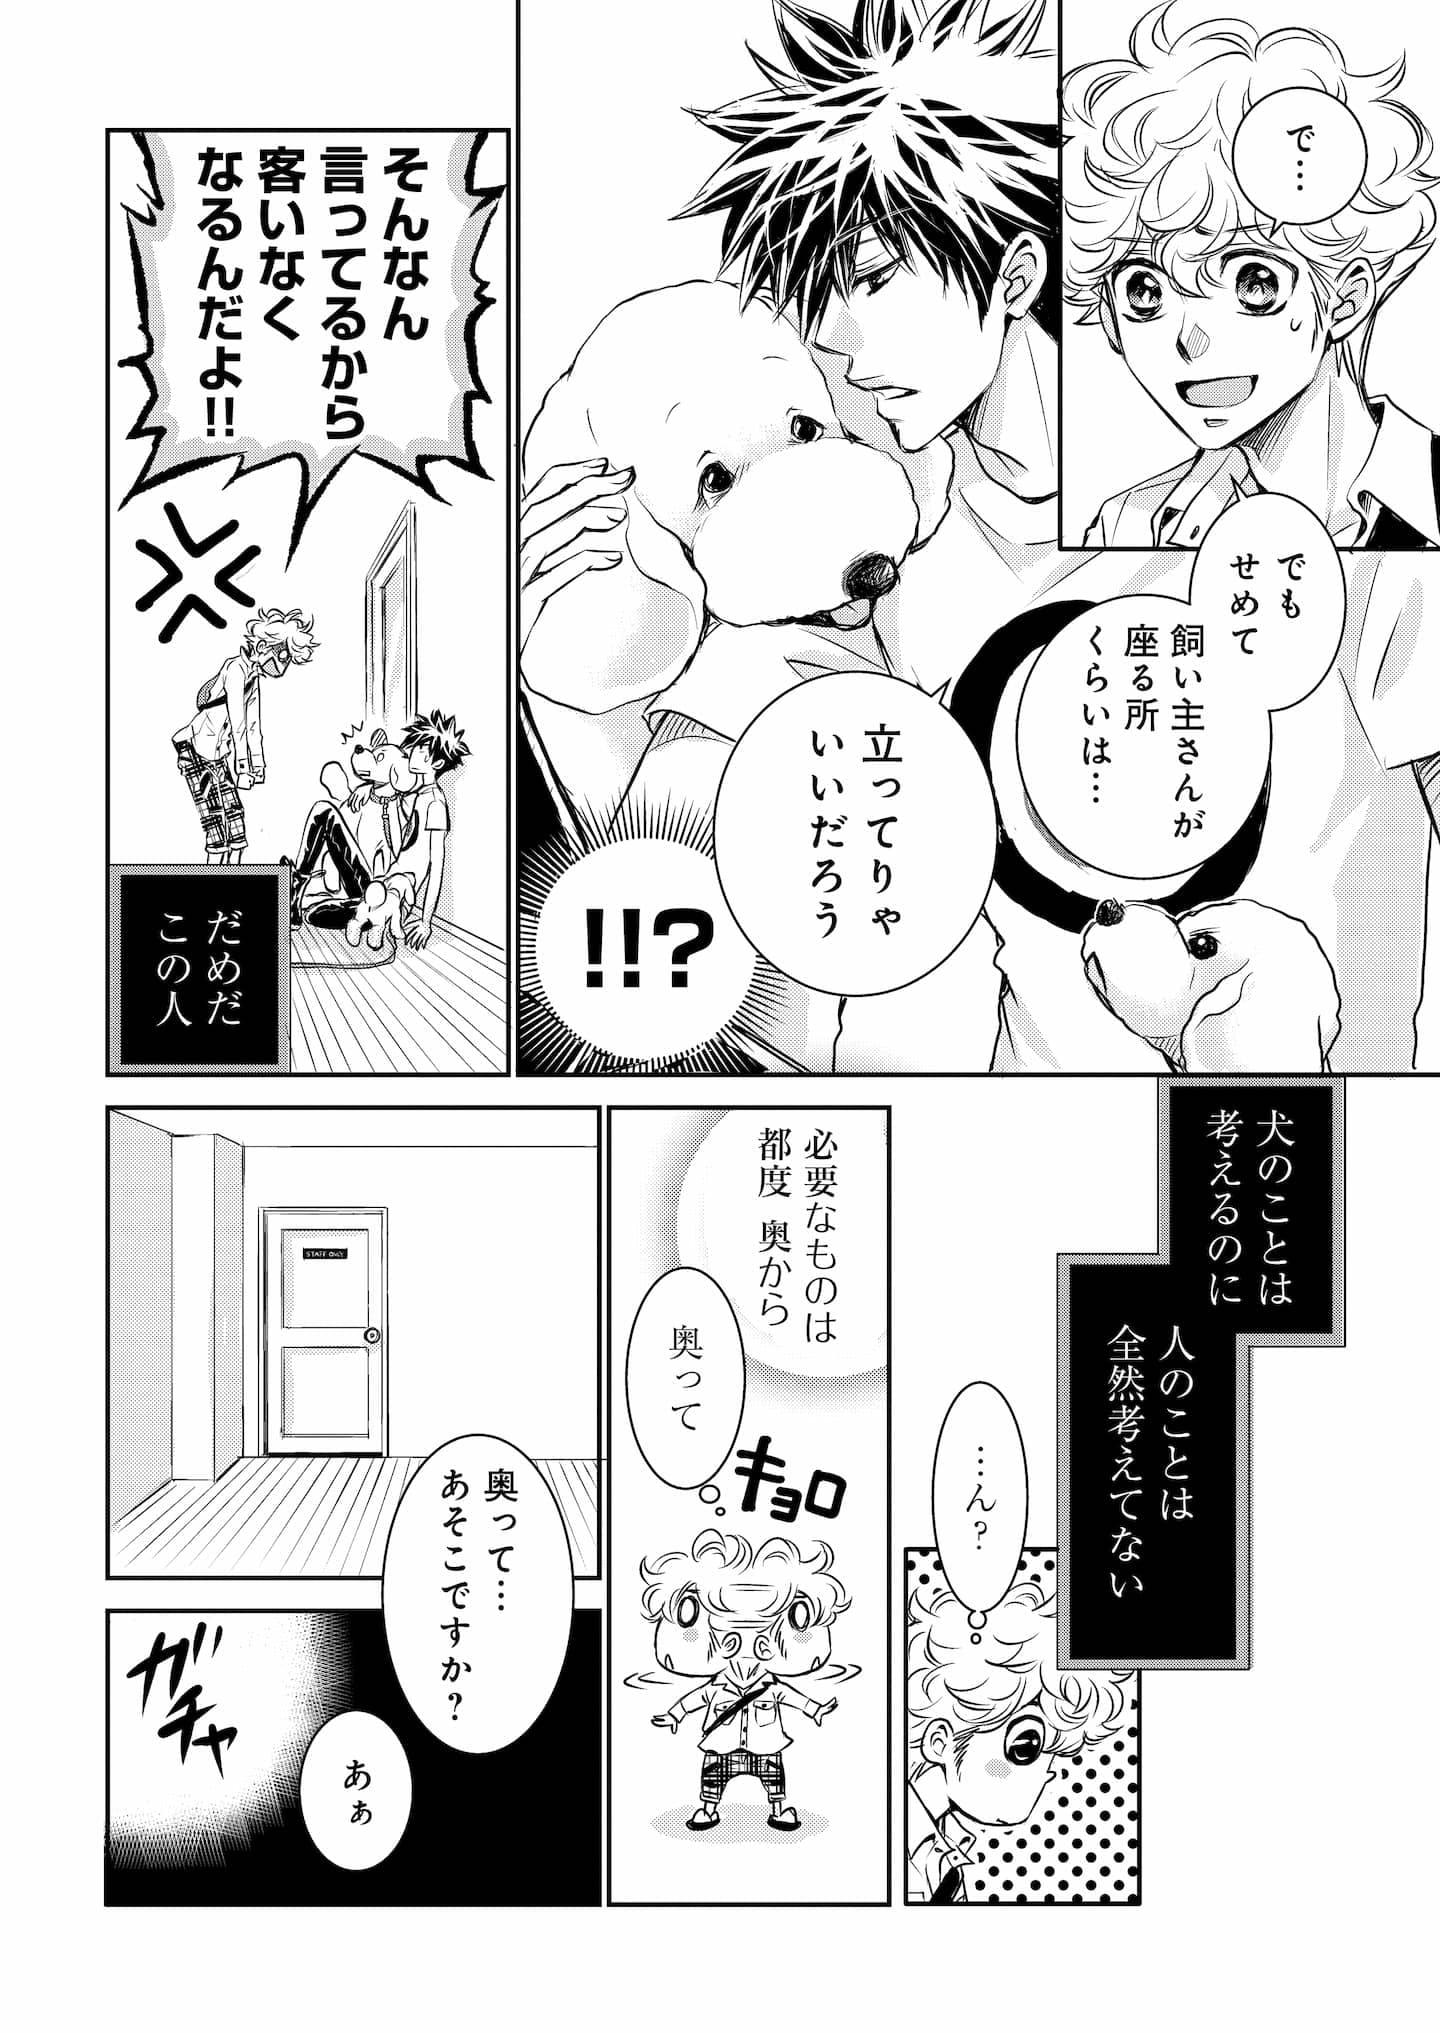 『DOG SIGNAL』3話目① 5ページ目